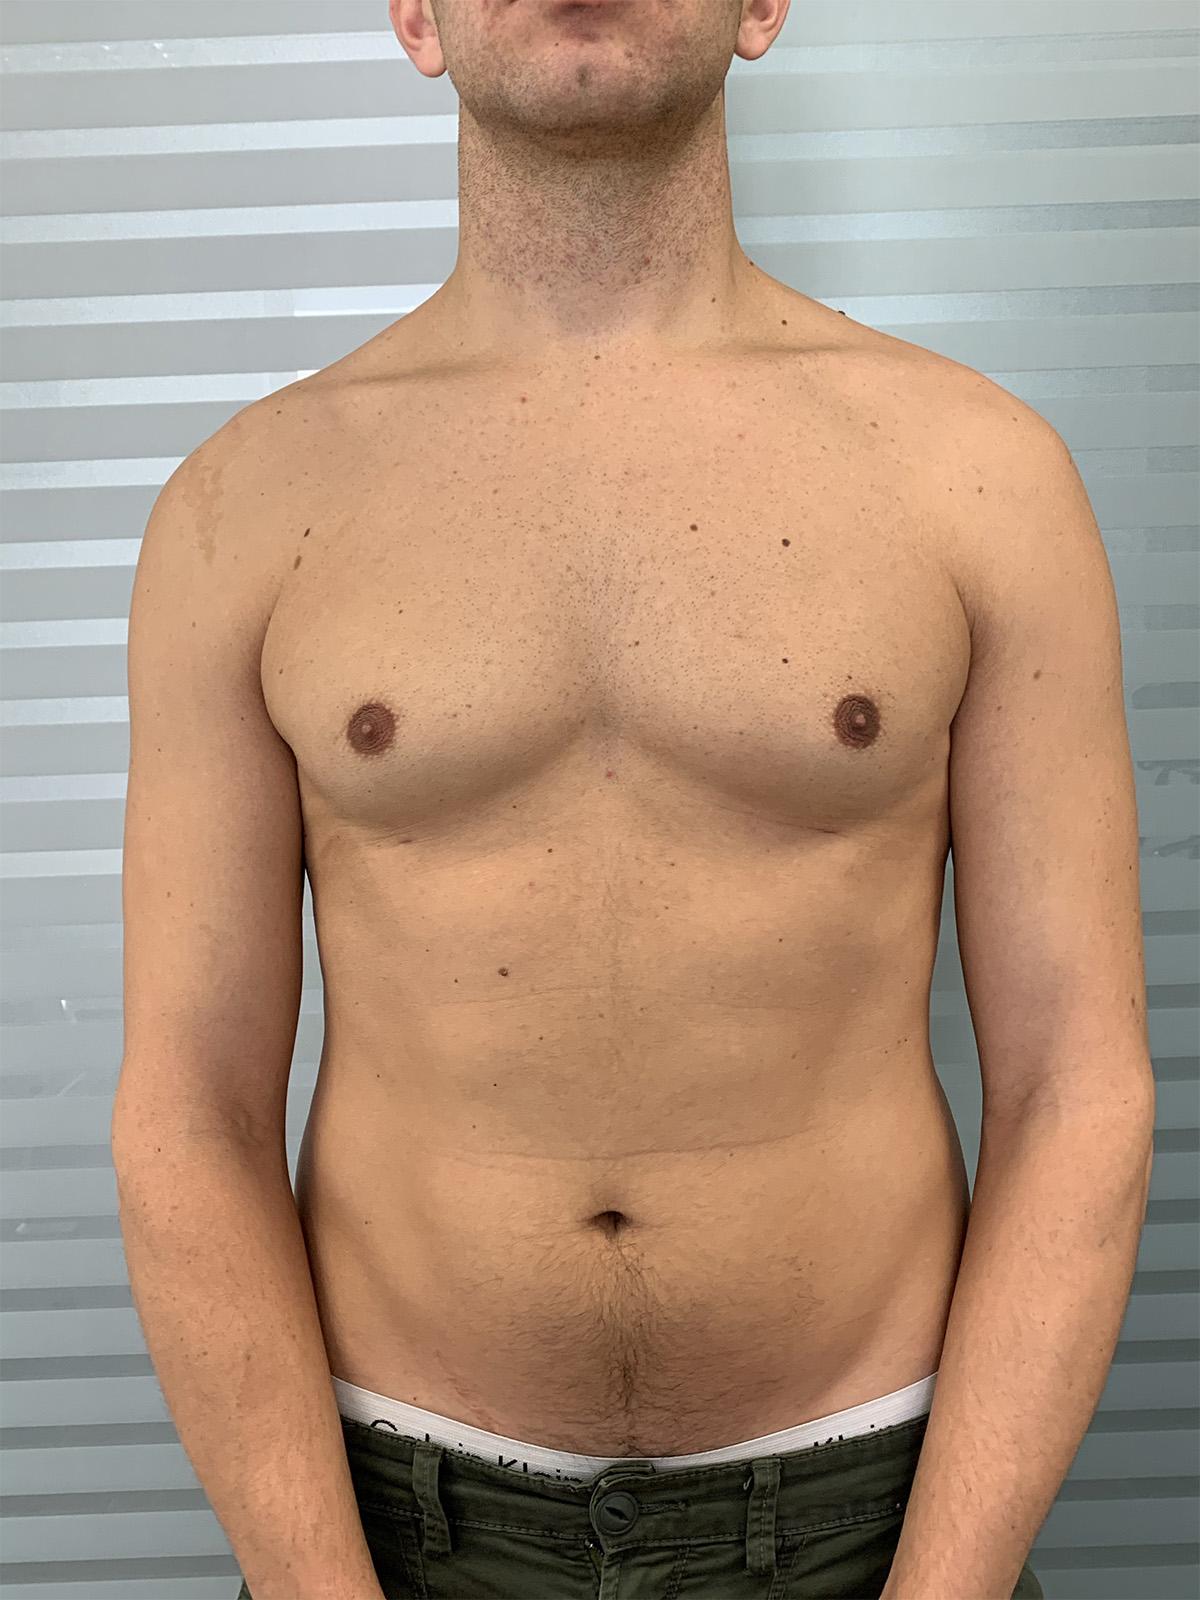 Risultati dopo l'intervento di Ginecomastia - Dott. Fabrizio Obbialero